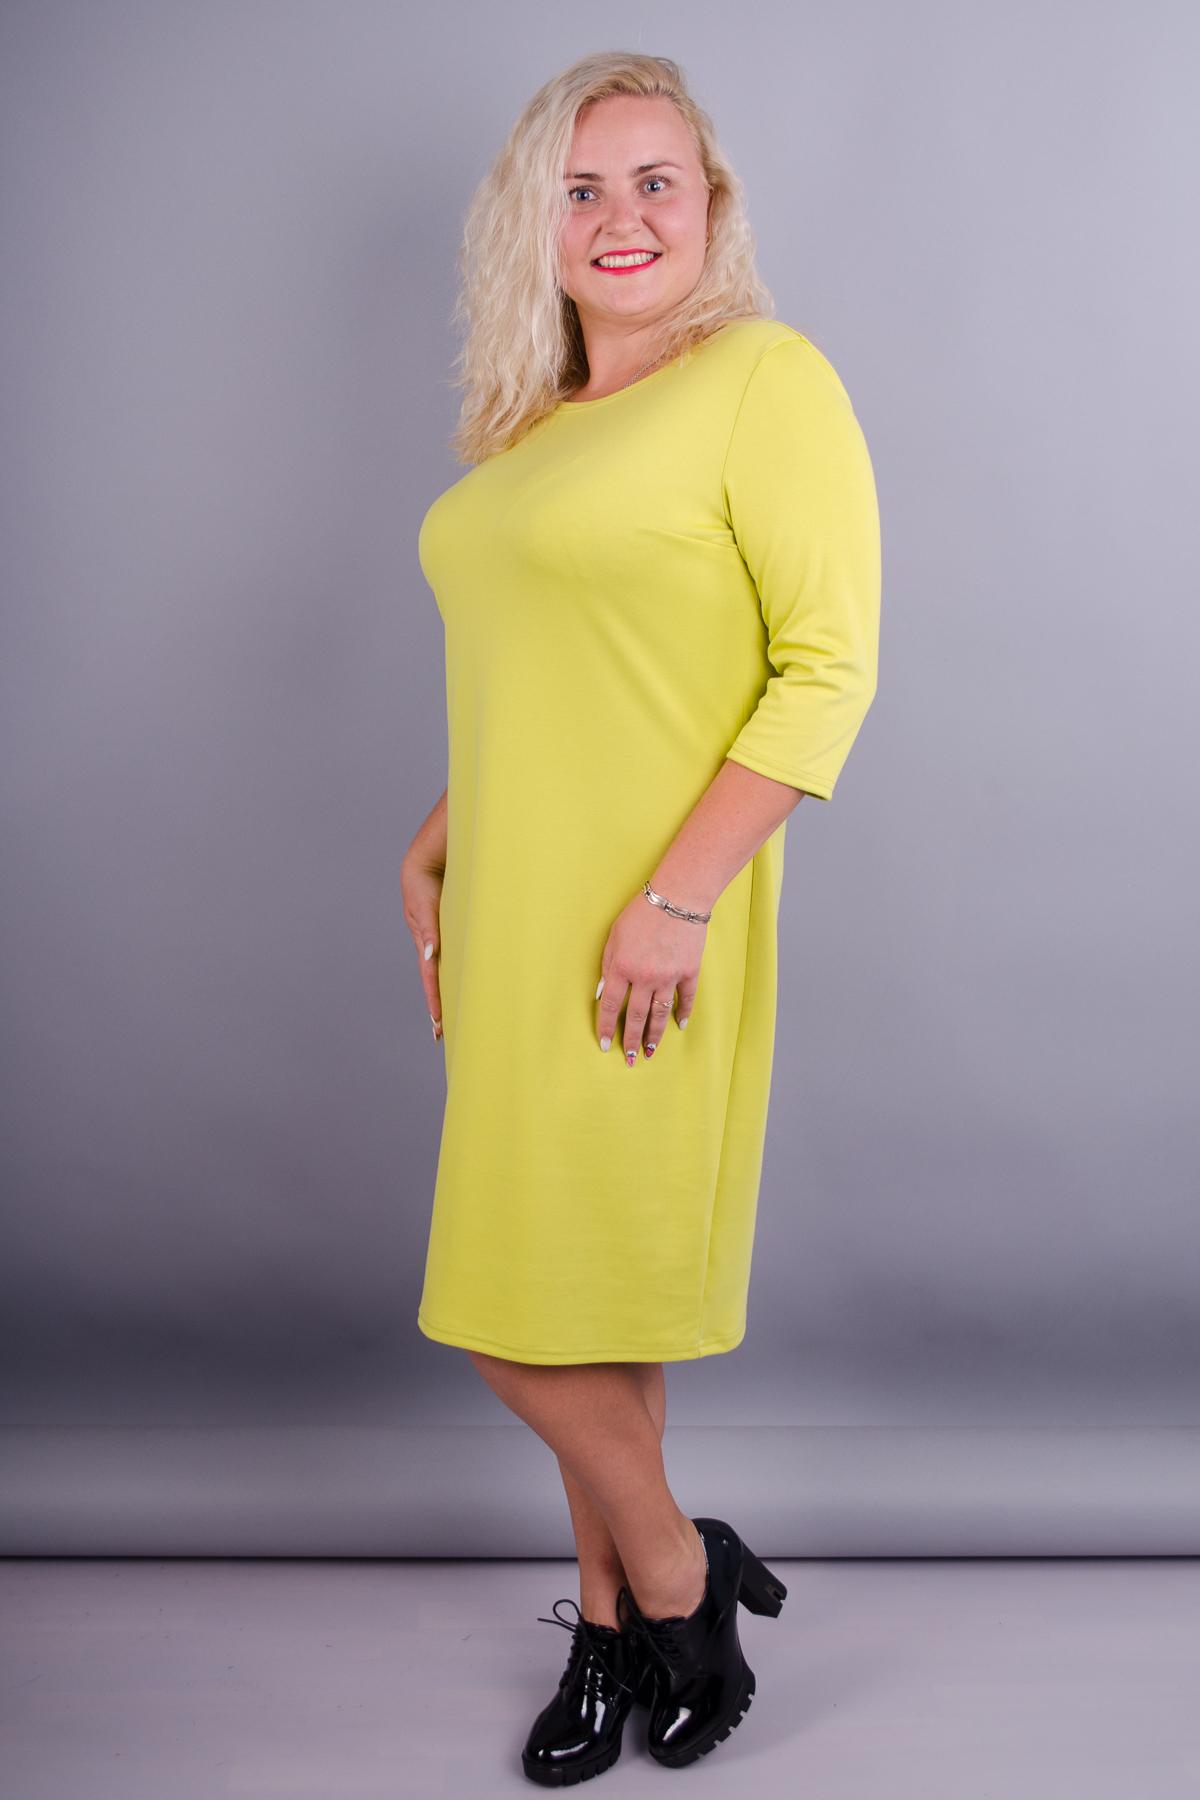 Аріна француз. Плаття для жінок великих розмірів. Салат. 61331f73035d5